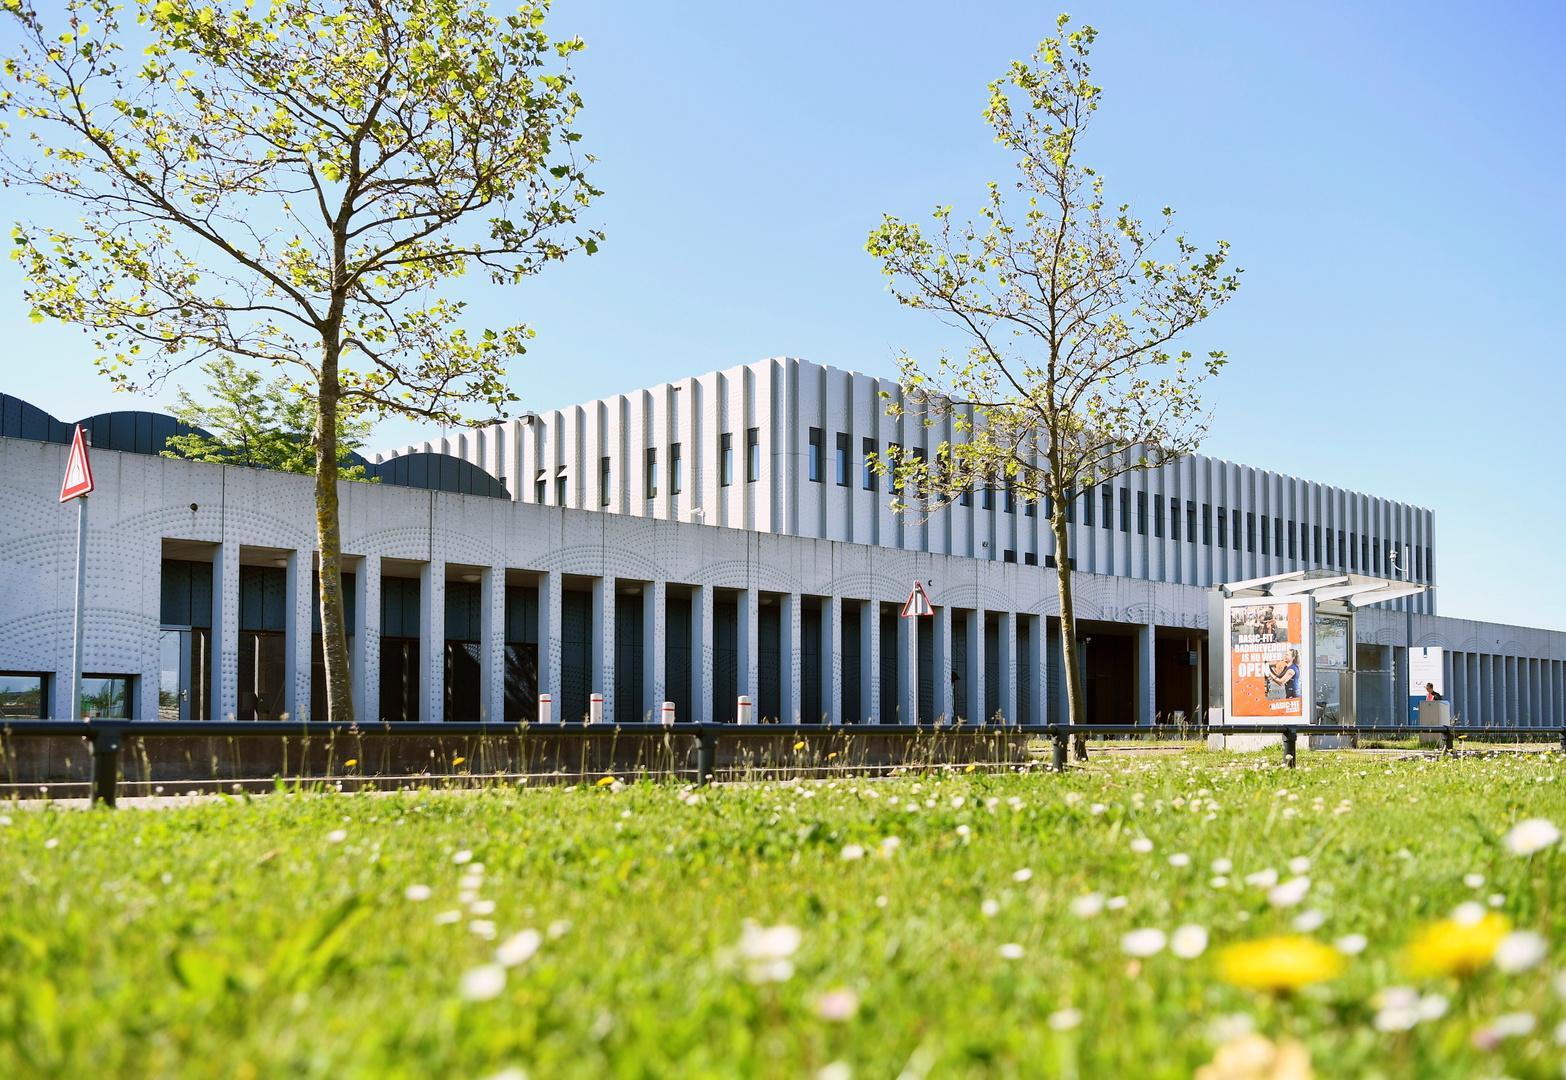 مبنى المحكمة التي تجري فيها المحاكمة في قضية كارثة رحلة MH17، هولندا